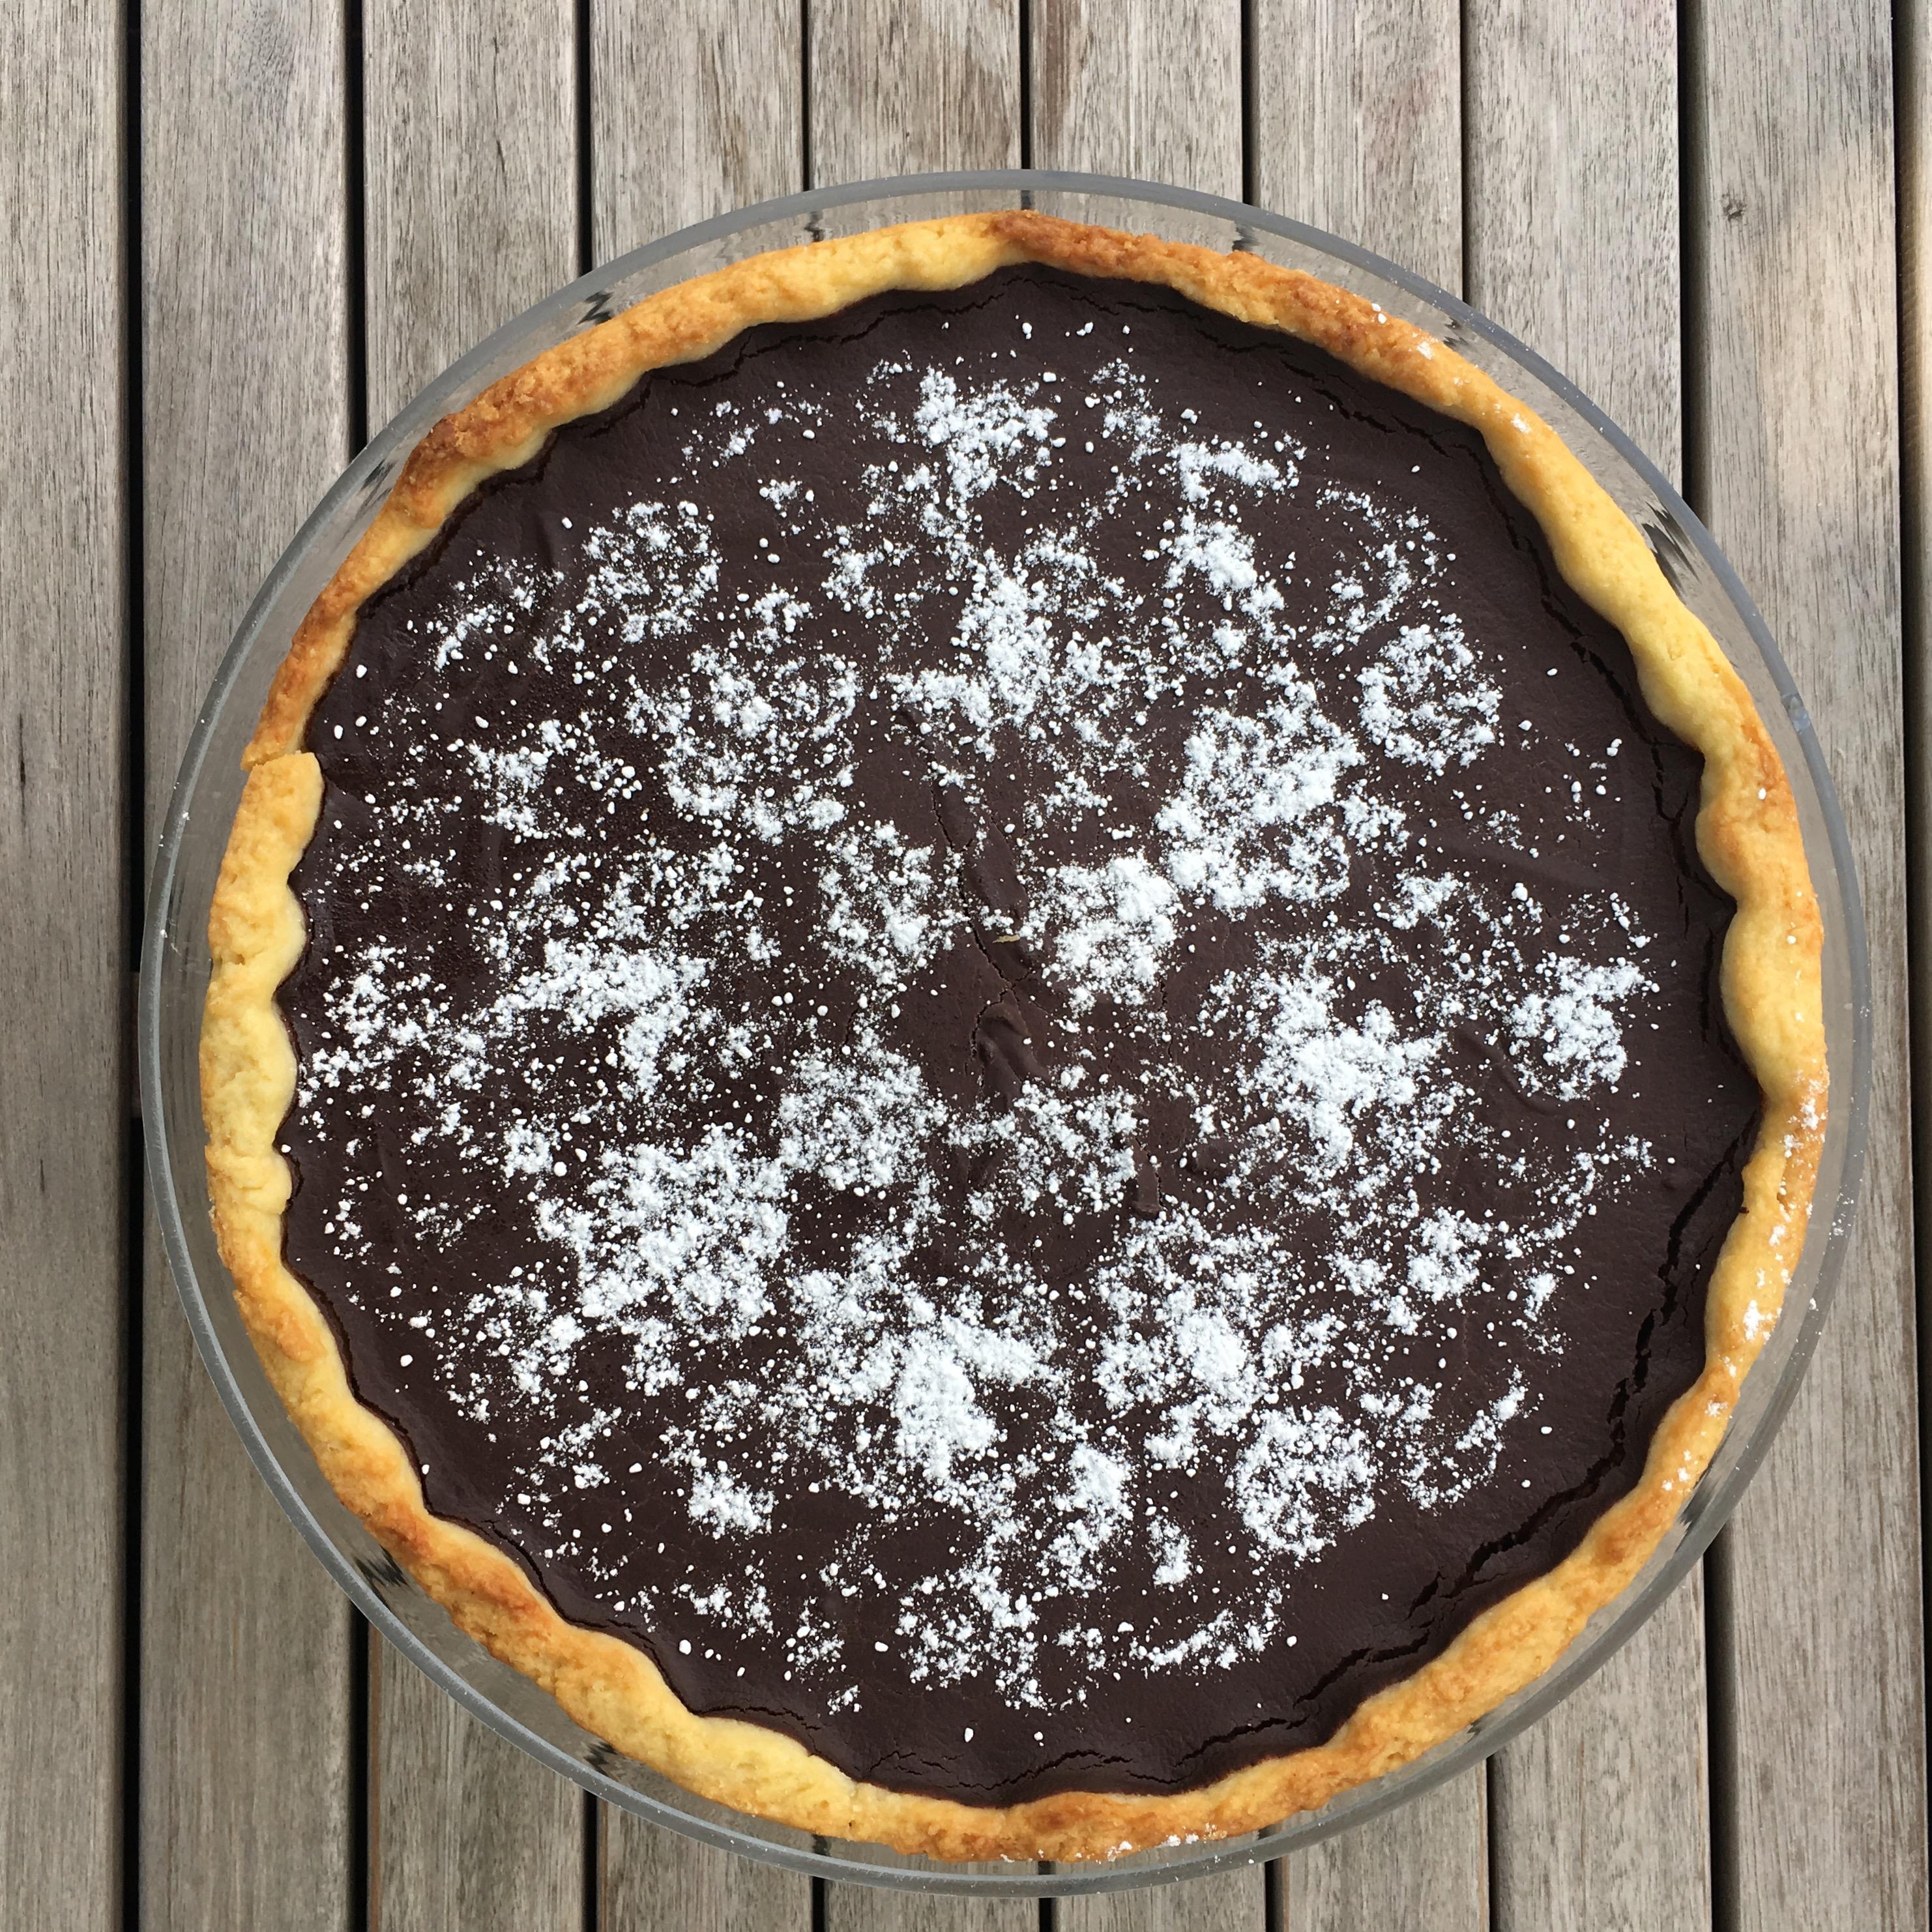 Tarte au chocolat - nur für echte Schokoliebhaber!